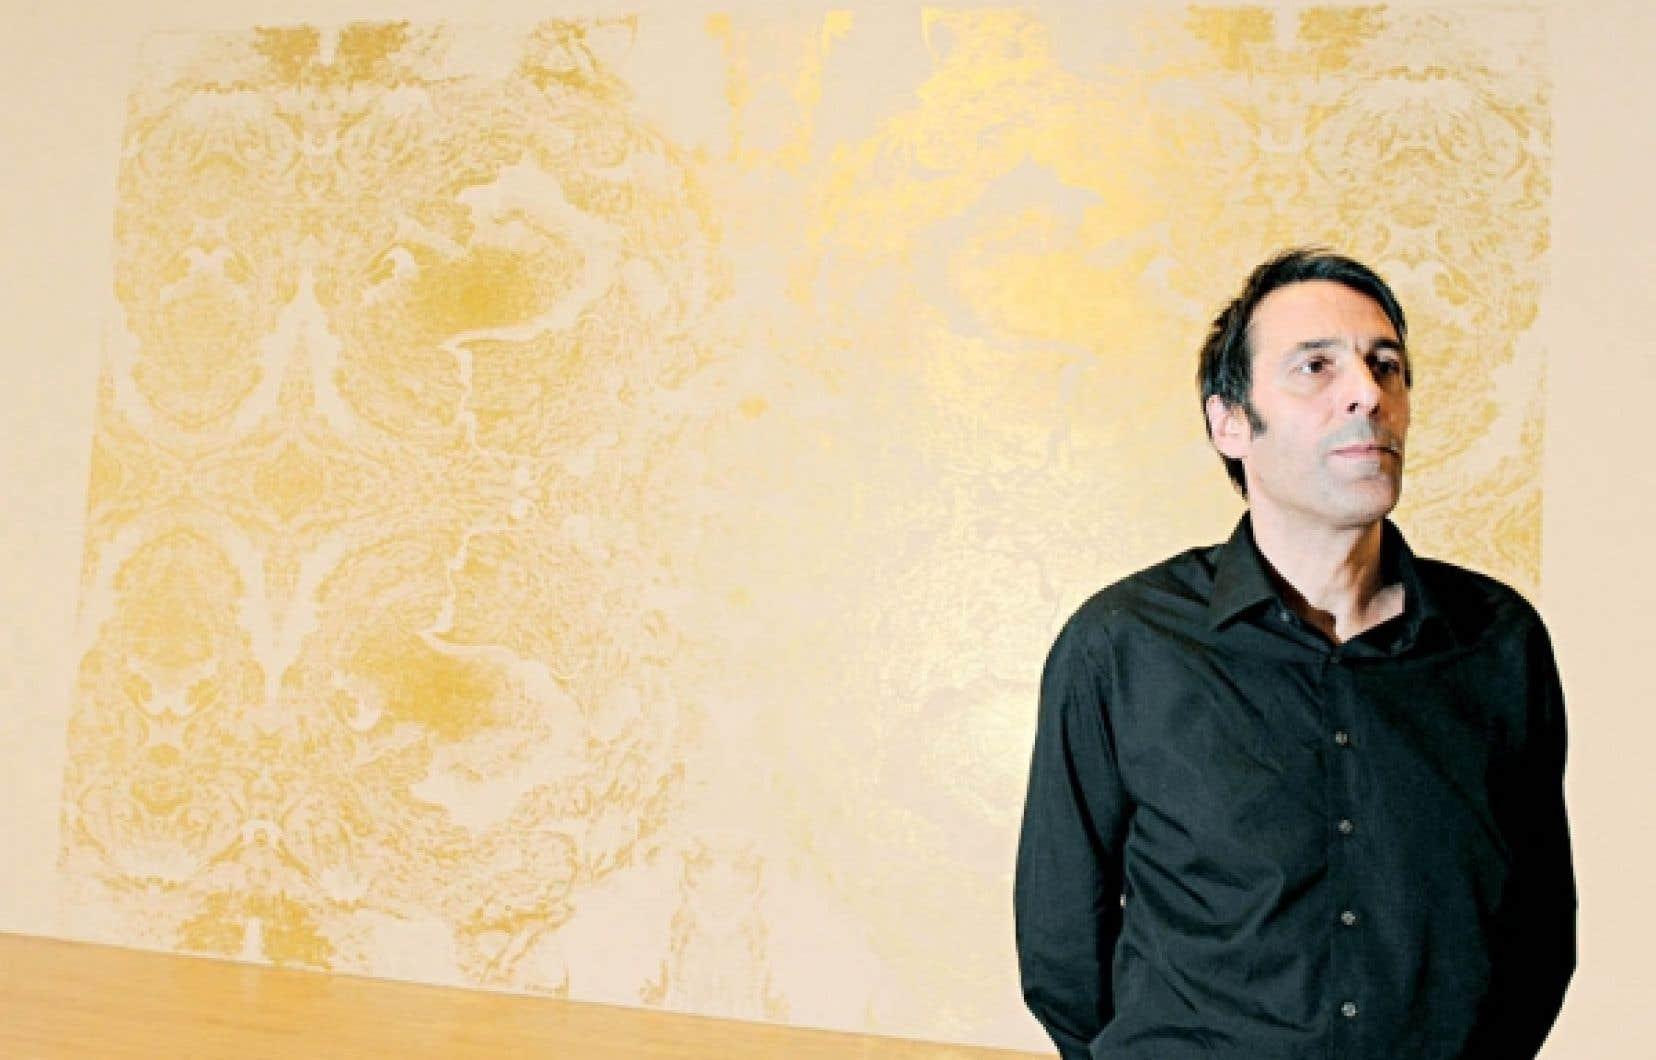 L'artiste britannique Richard Wright pose devant une de ses œuvres à la Tate Britain gallery.